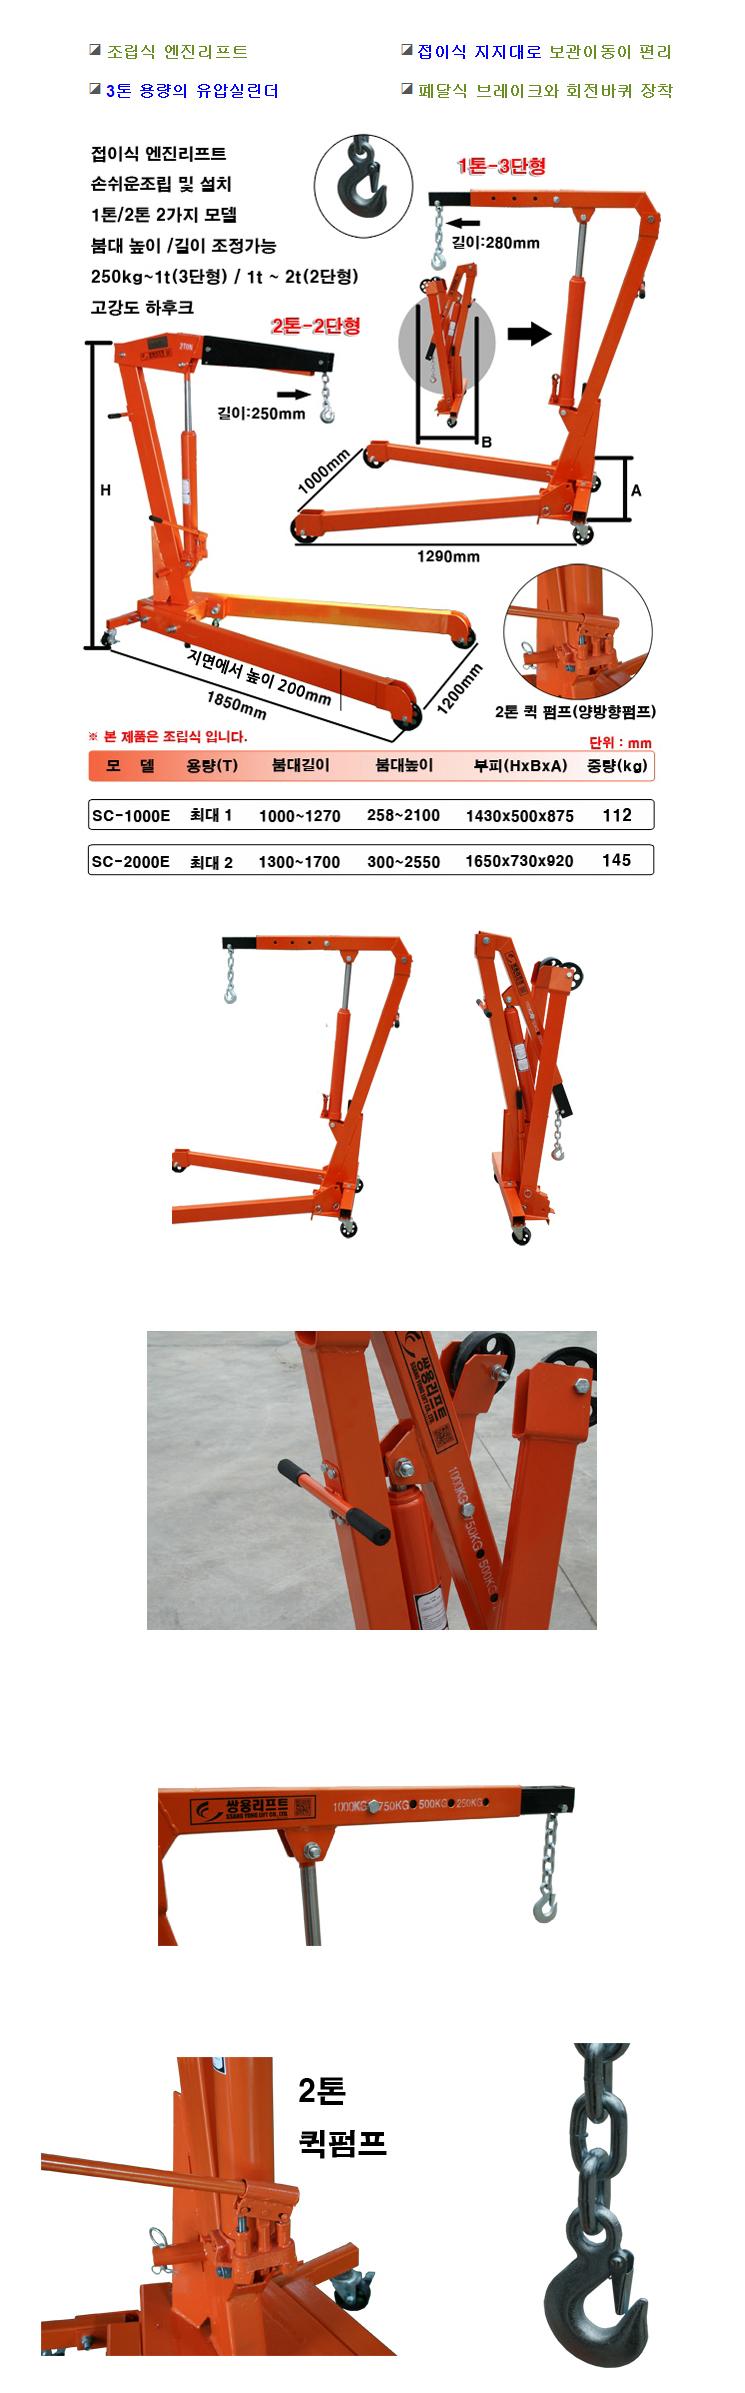 (주)쌍용리프트 보급형 엔진리프트 SC-1000E / SC-2000E